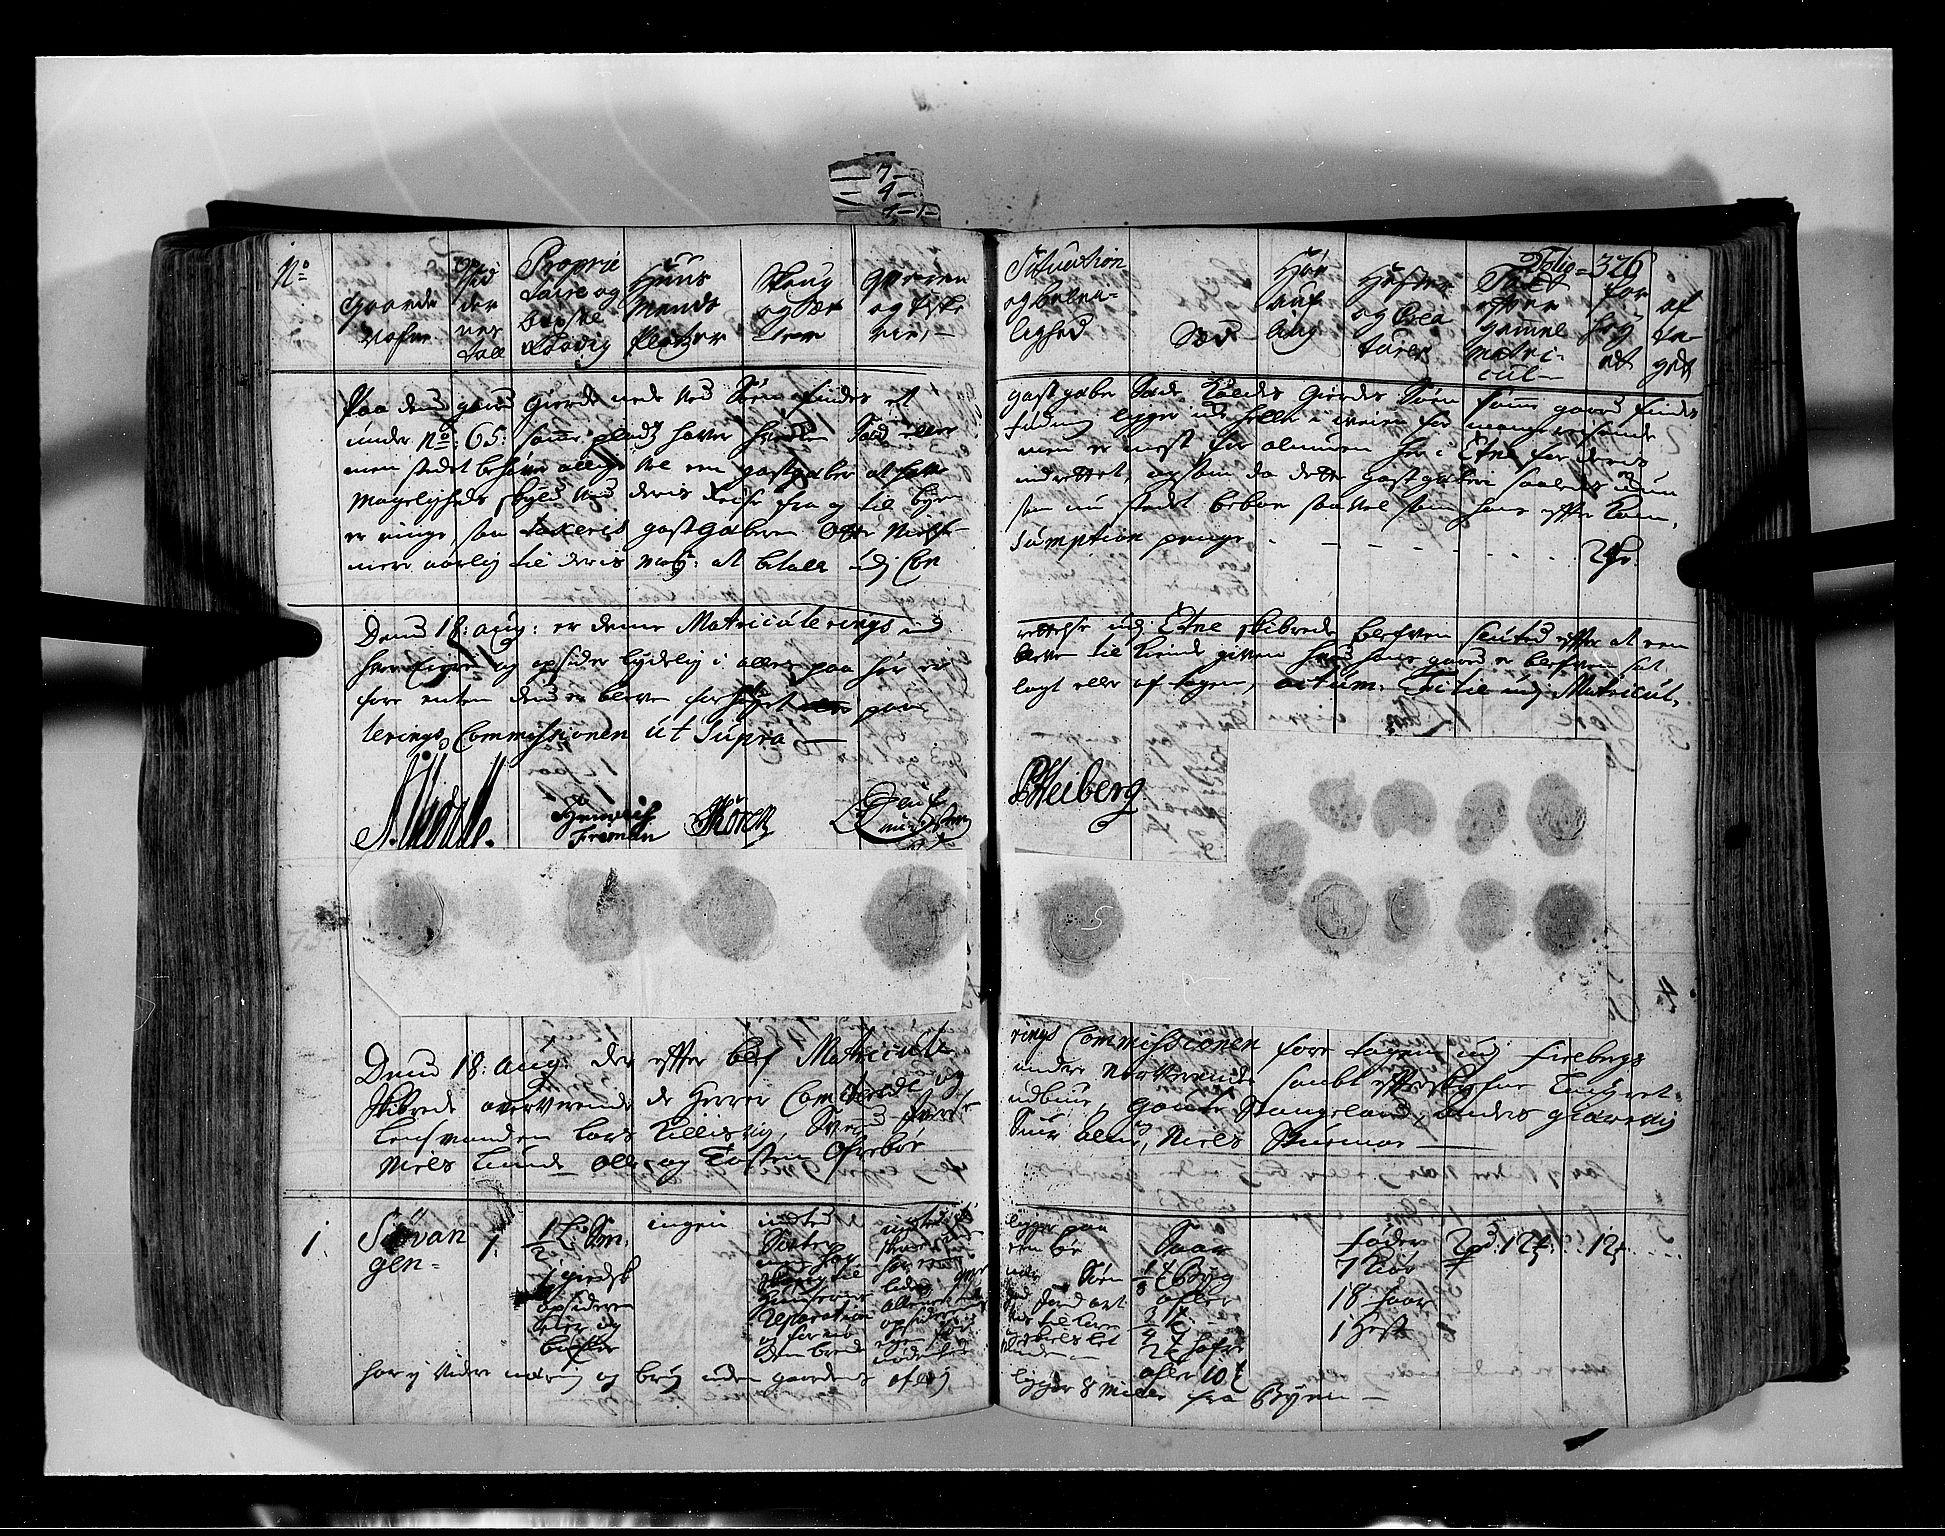 RA, Rentekammeret inntil 1814, Realistisk ordnet avdeling, N/Nb/Nbf/L0134: Sunnhordland eksaminasjonsprotokoll, 1723, s. 325b-326a